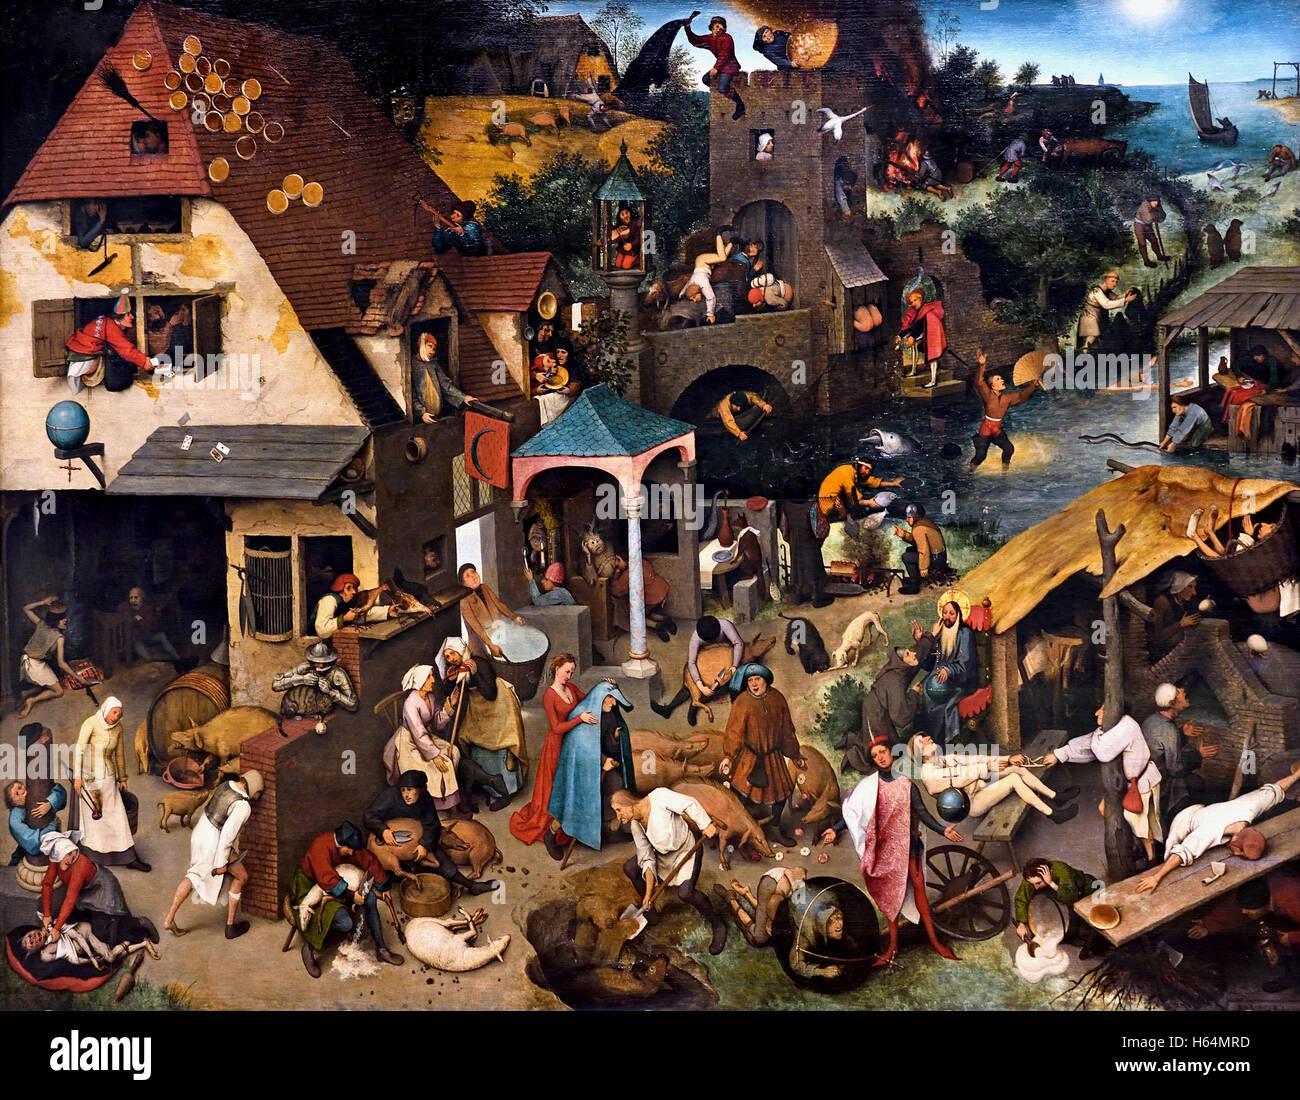 La Dutch proverbi 1559 Pieter Brueghel ( ) di Bruegel il Vecchio Breda1525 - 1569 Bruxelles olandese belga fiamminga Immagini Stock